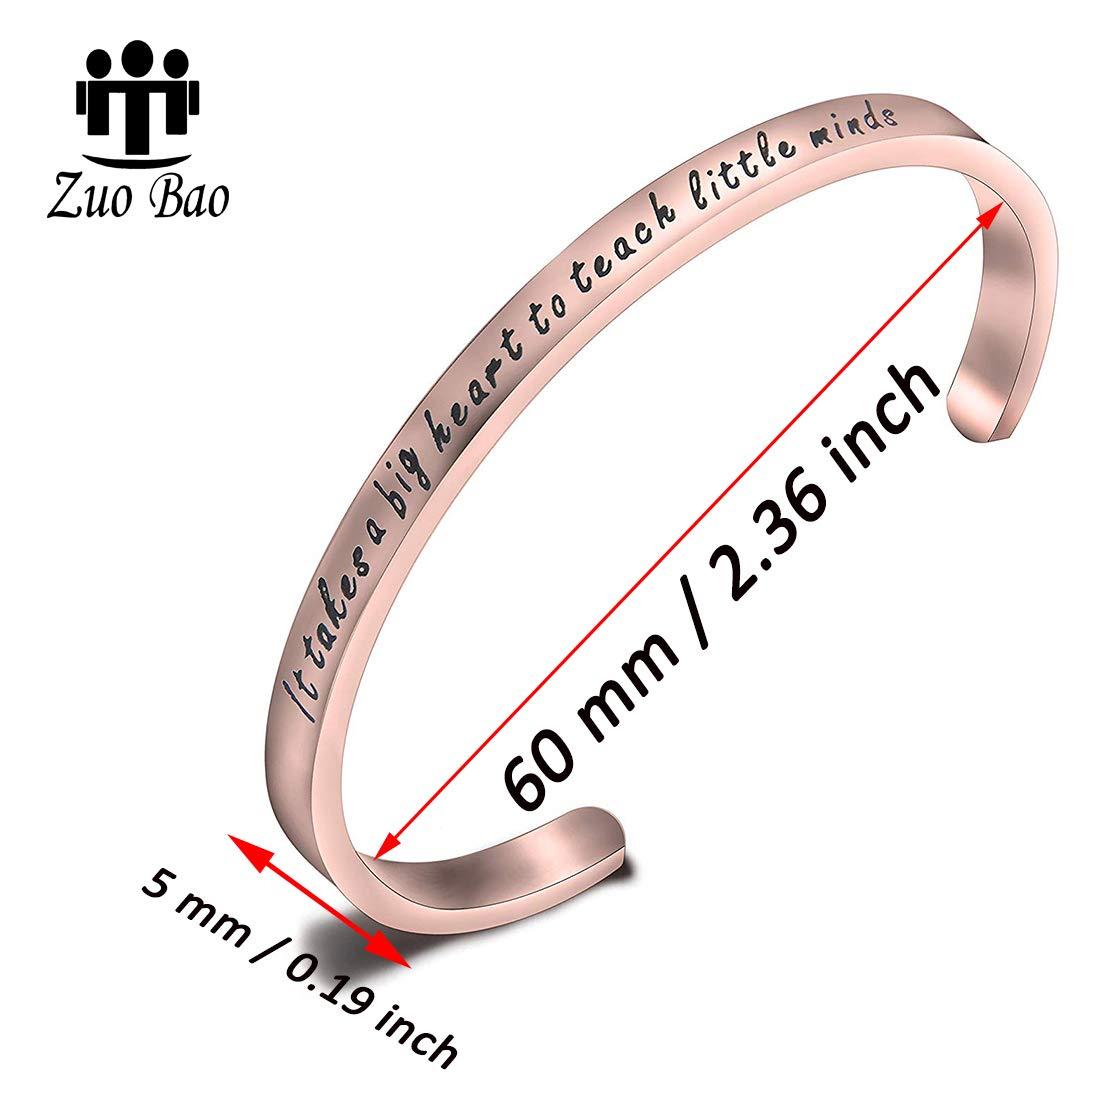 Zuo Bao metal: Amazon.es: Joyería